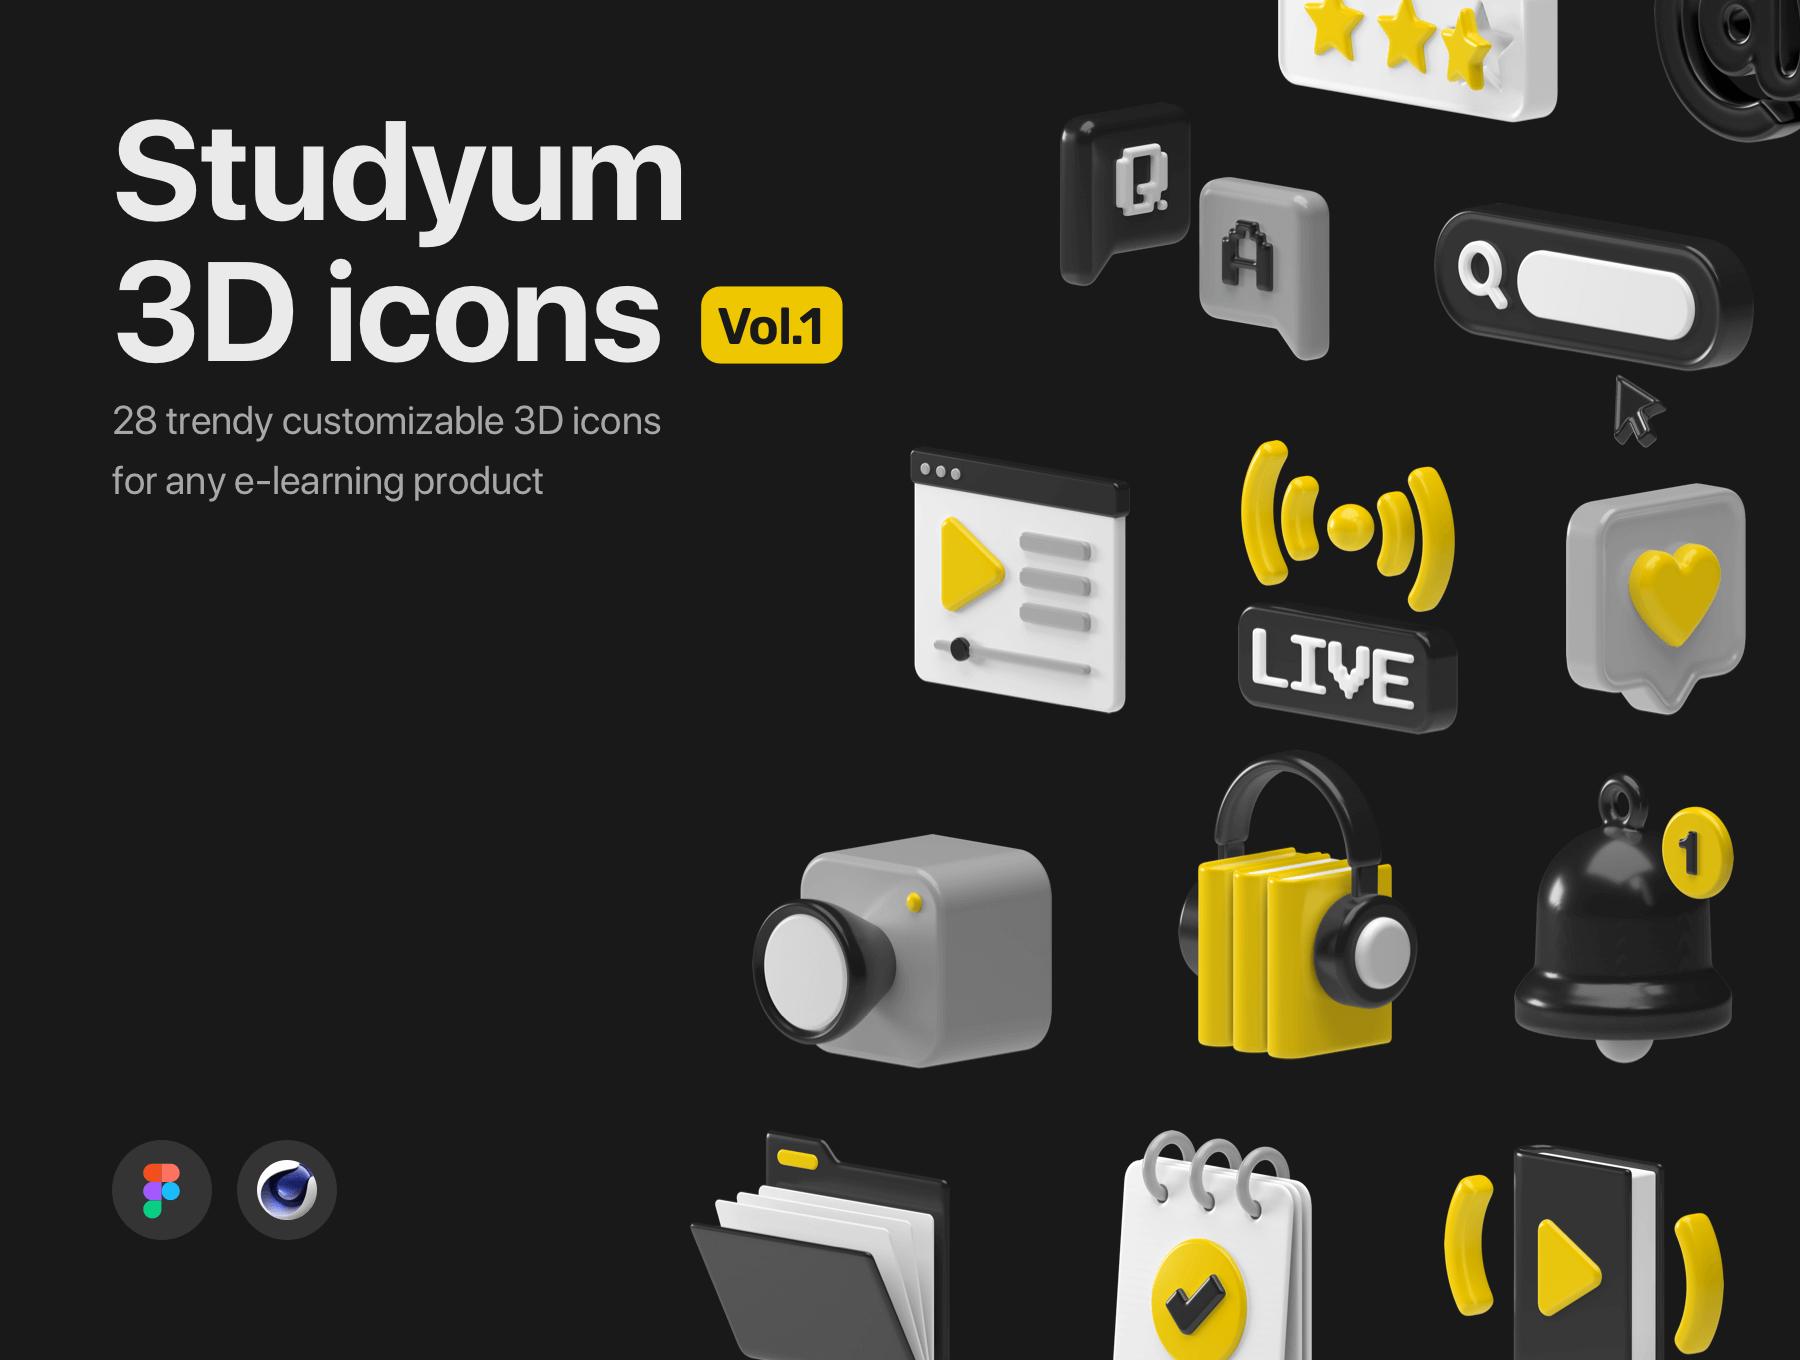 28个适合于任何电子学习产品的C4D可定制3D图标素材